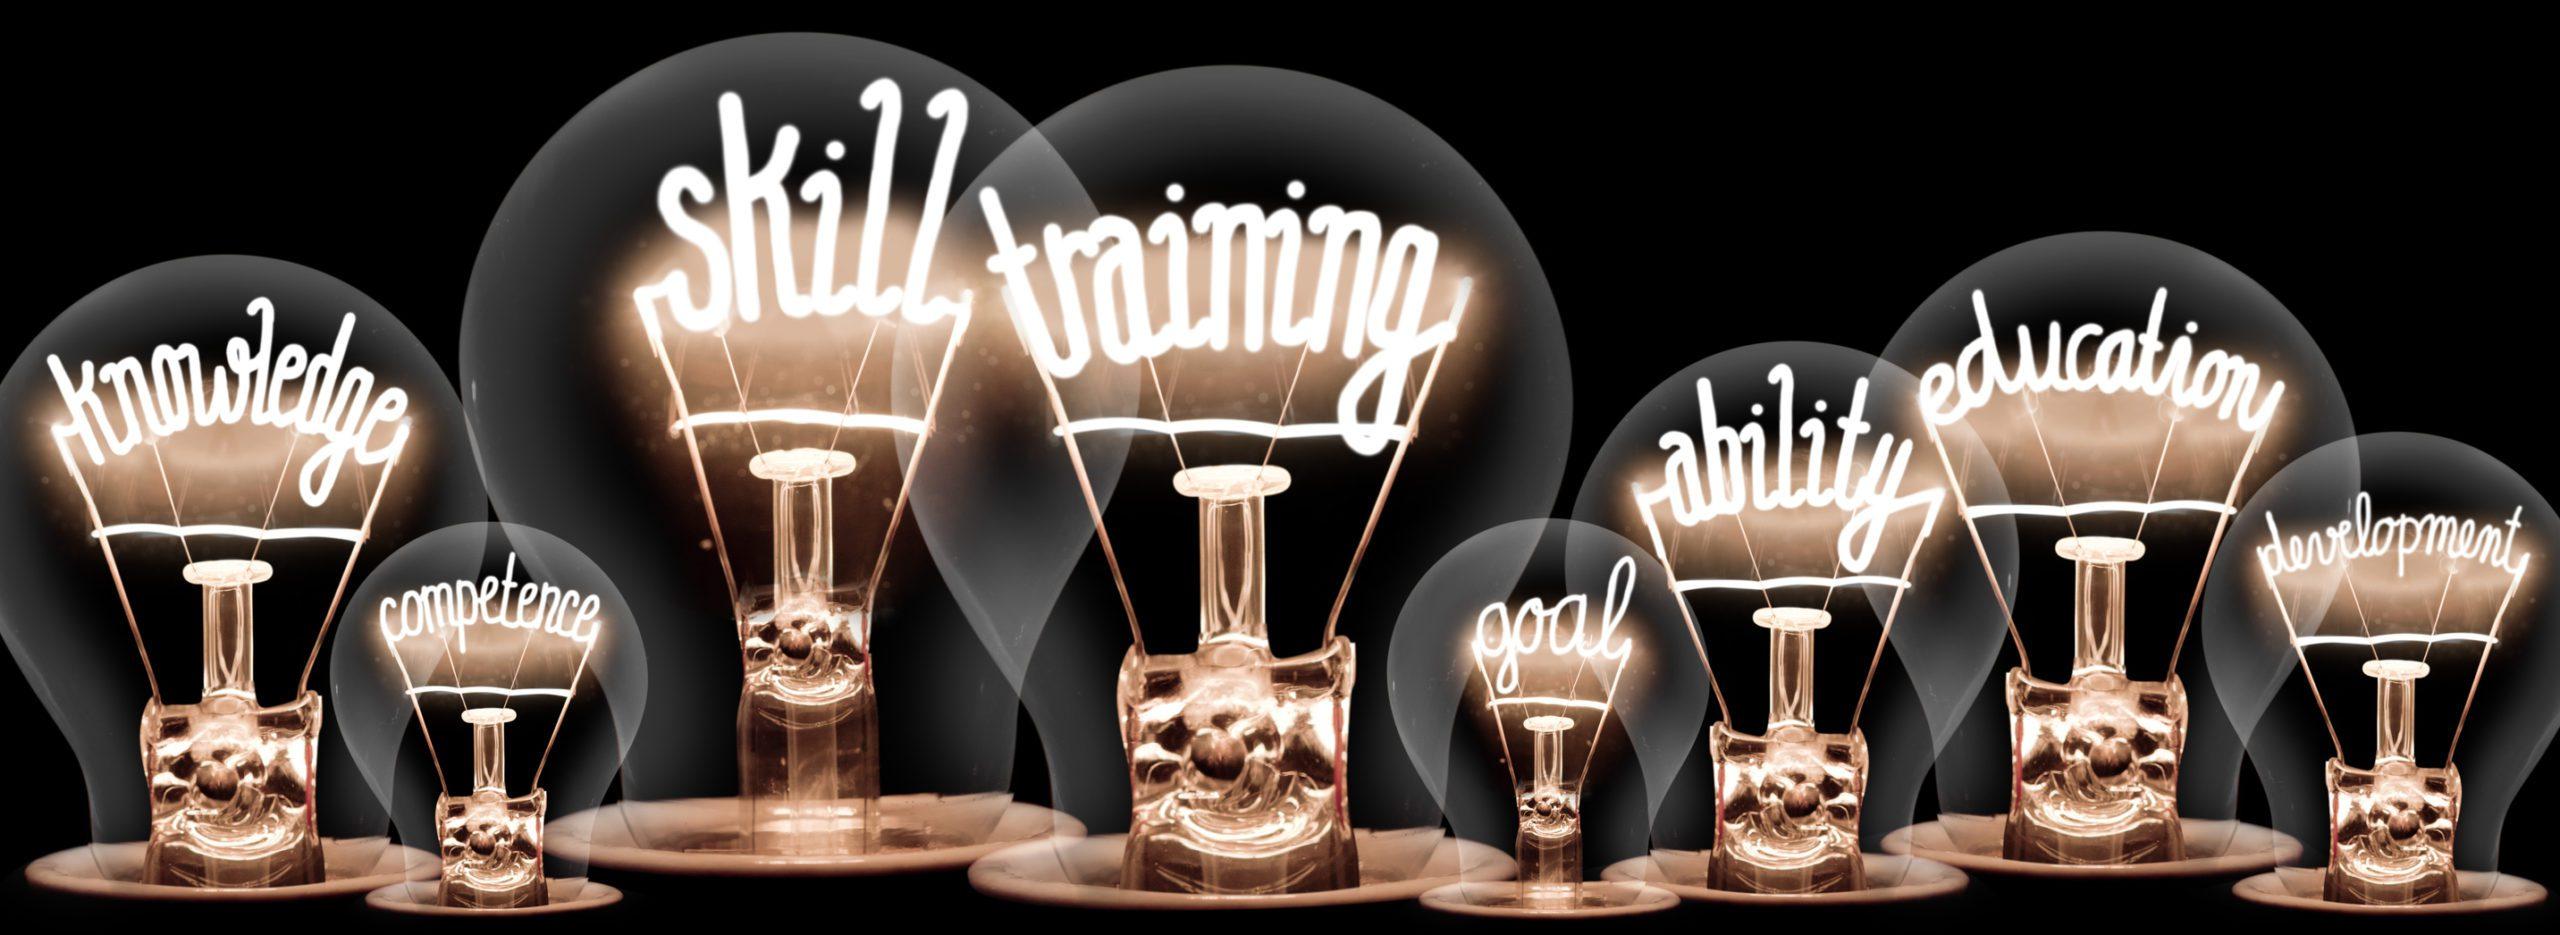 Light Bulbs Concept - knowledge, skill, training, goal, ability